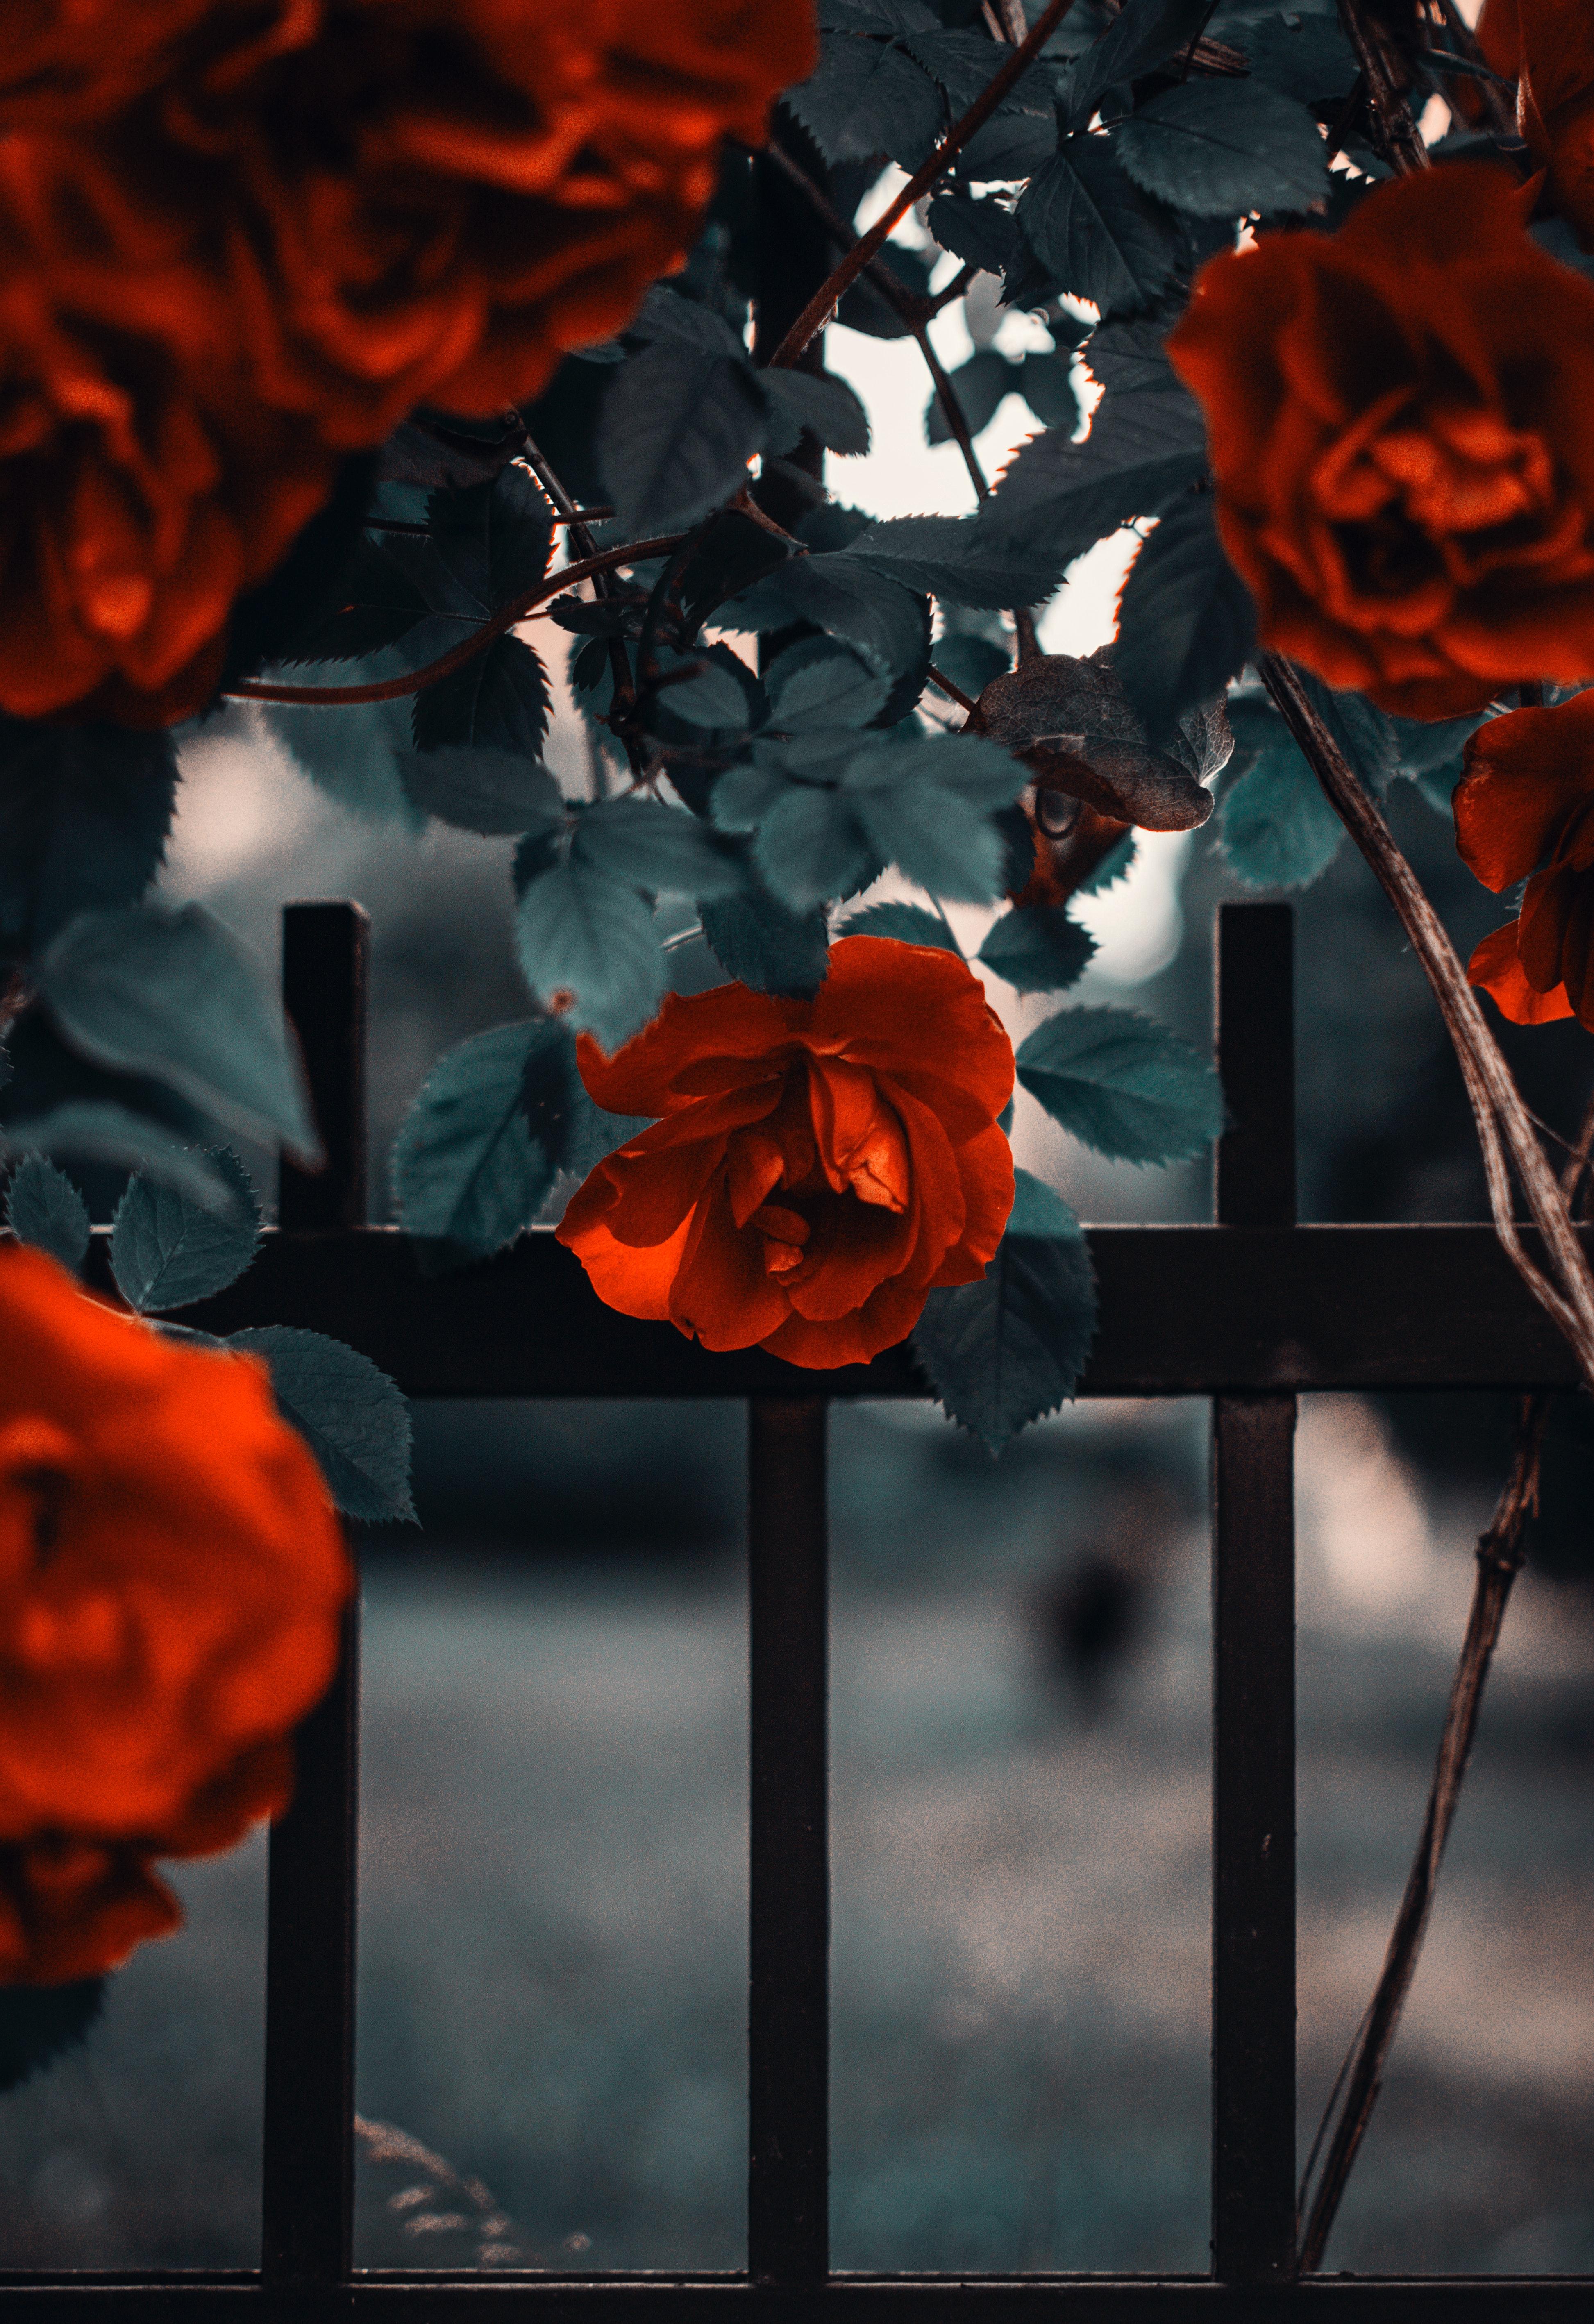 81592 скачать обои Красный, Цветы, Роза, Забор, Куст, Сад - заставки и картинки бесплатно